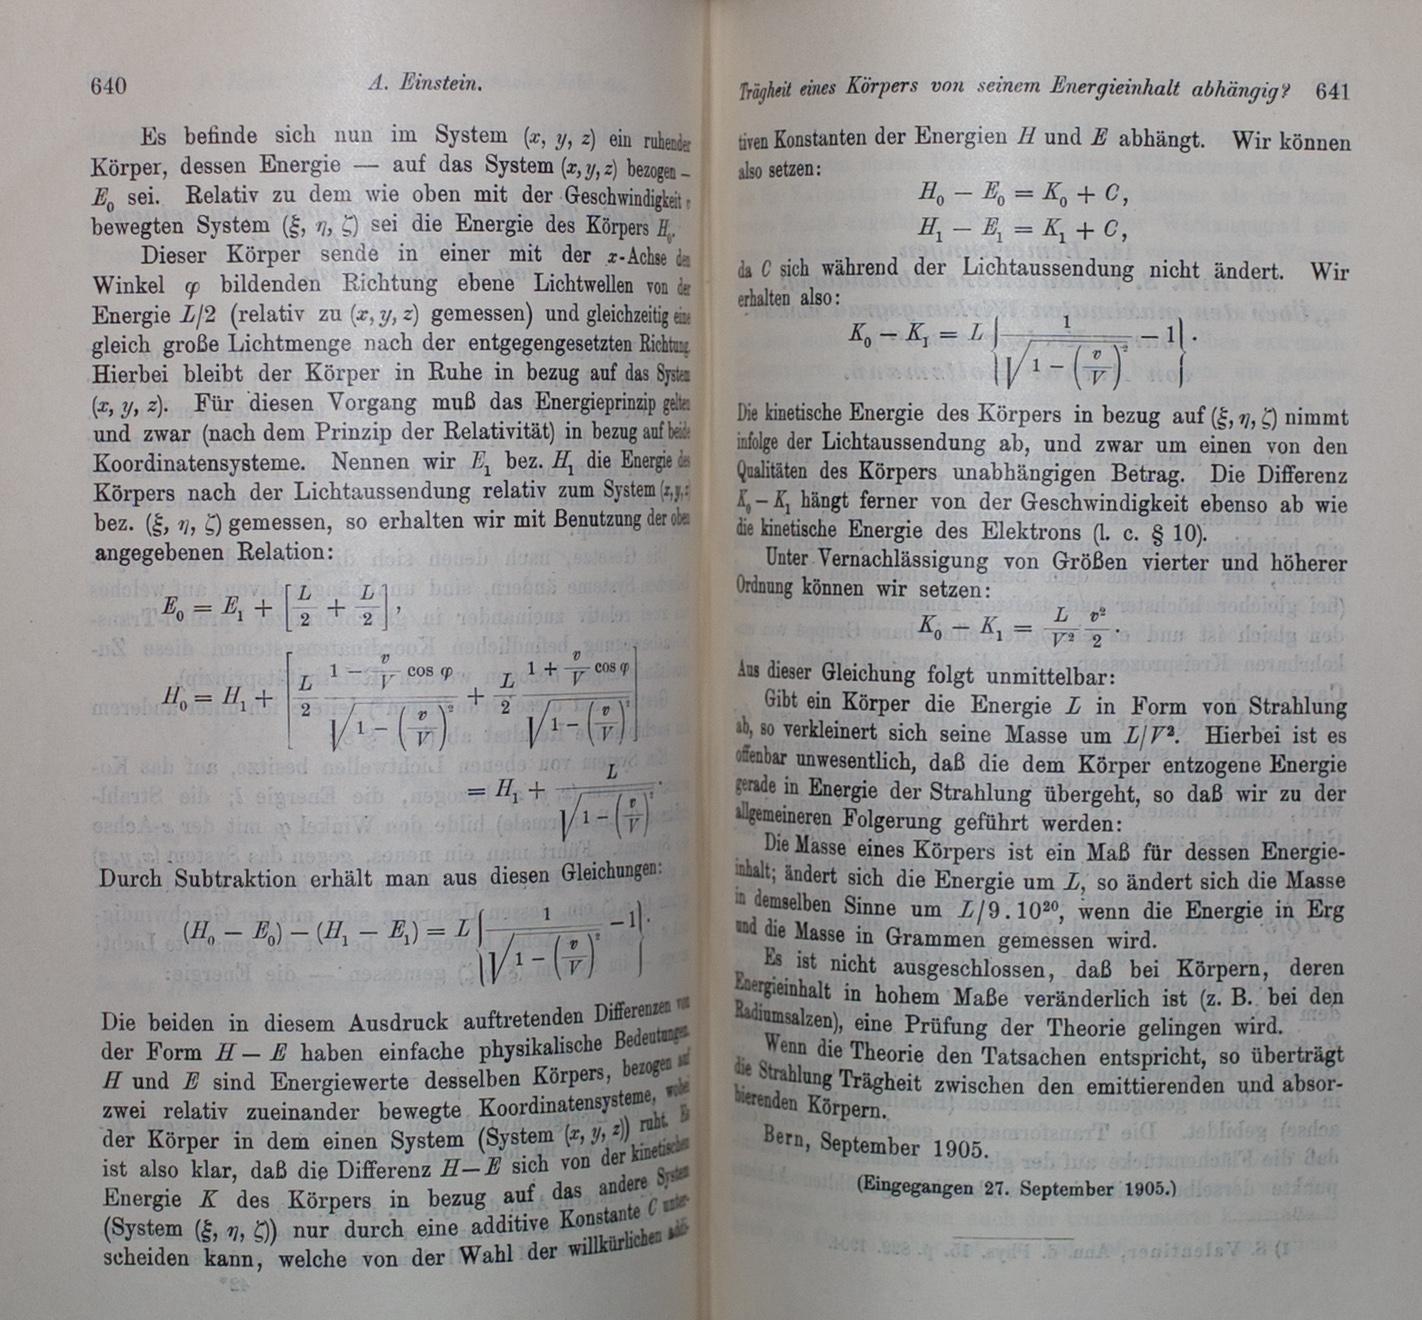 List of scientific publications by Albert Einstein